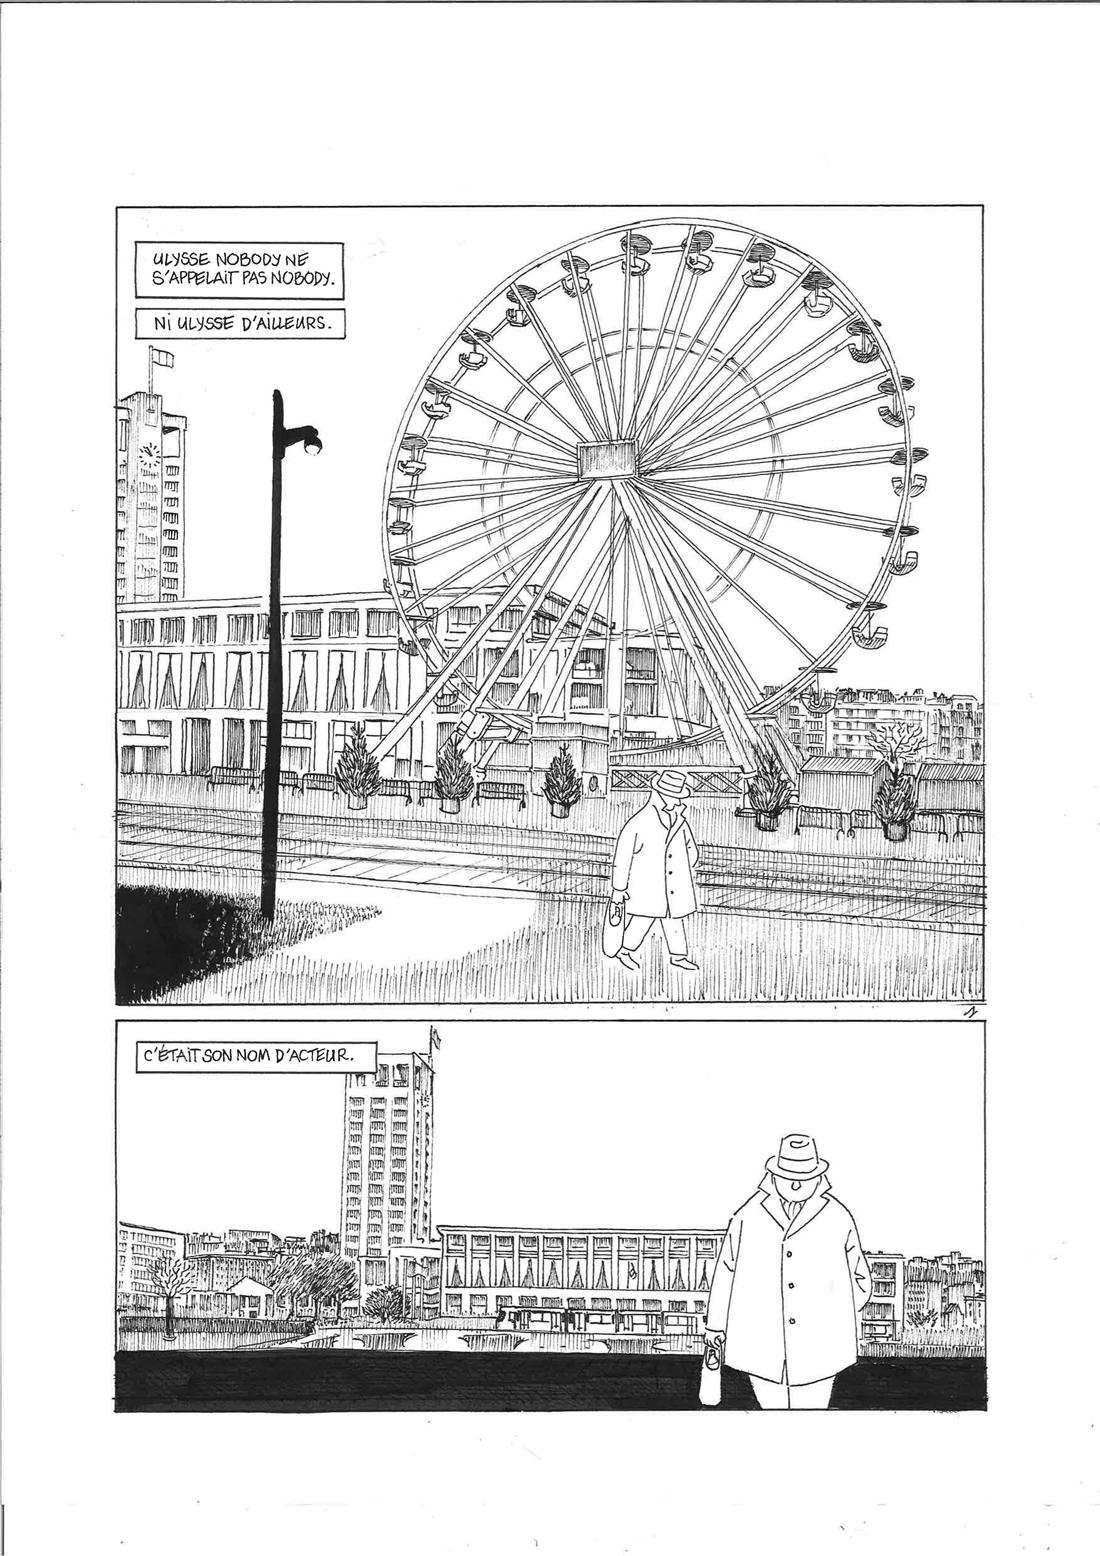 30 ans d'édition, par Sébastien Gnaedig, Epilogue: Mister Nobody. Planche 1 de Mister Nobody